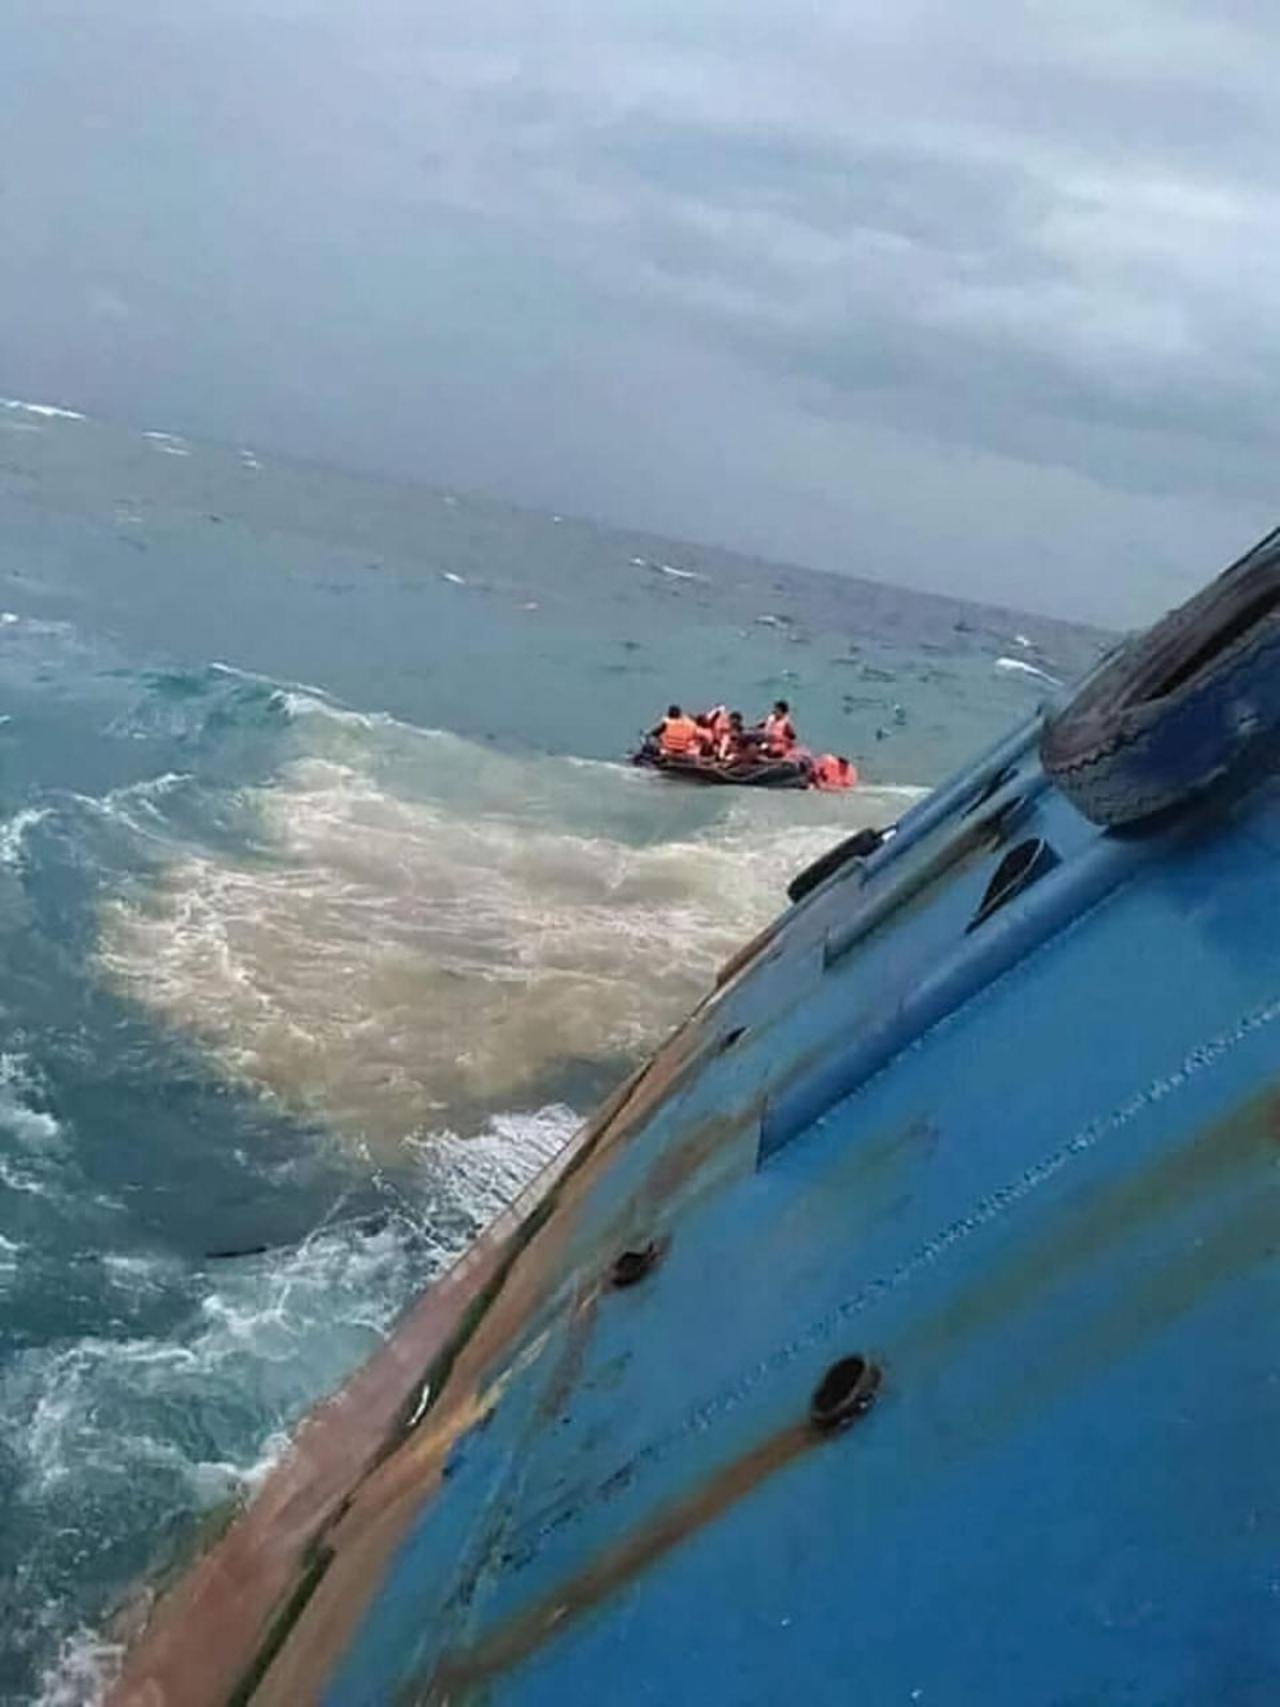 เจ้าหน้าที่นั่งเรือยางมาช่วยผู้โดยสารที่ประสบภัย